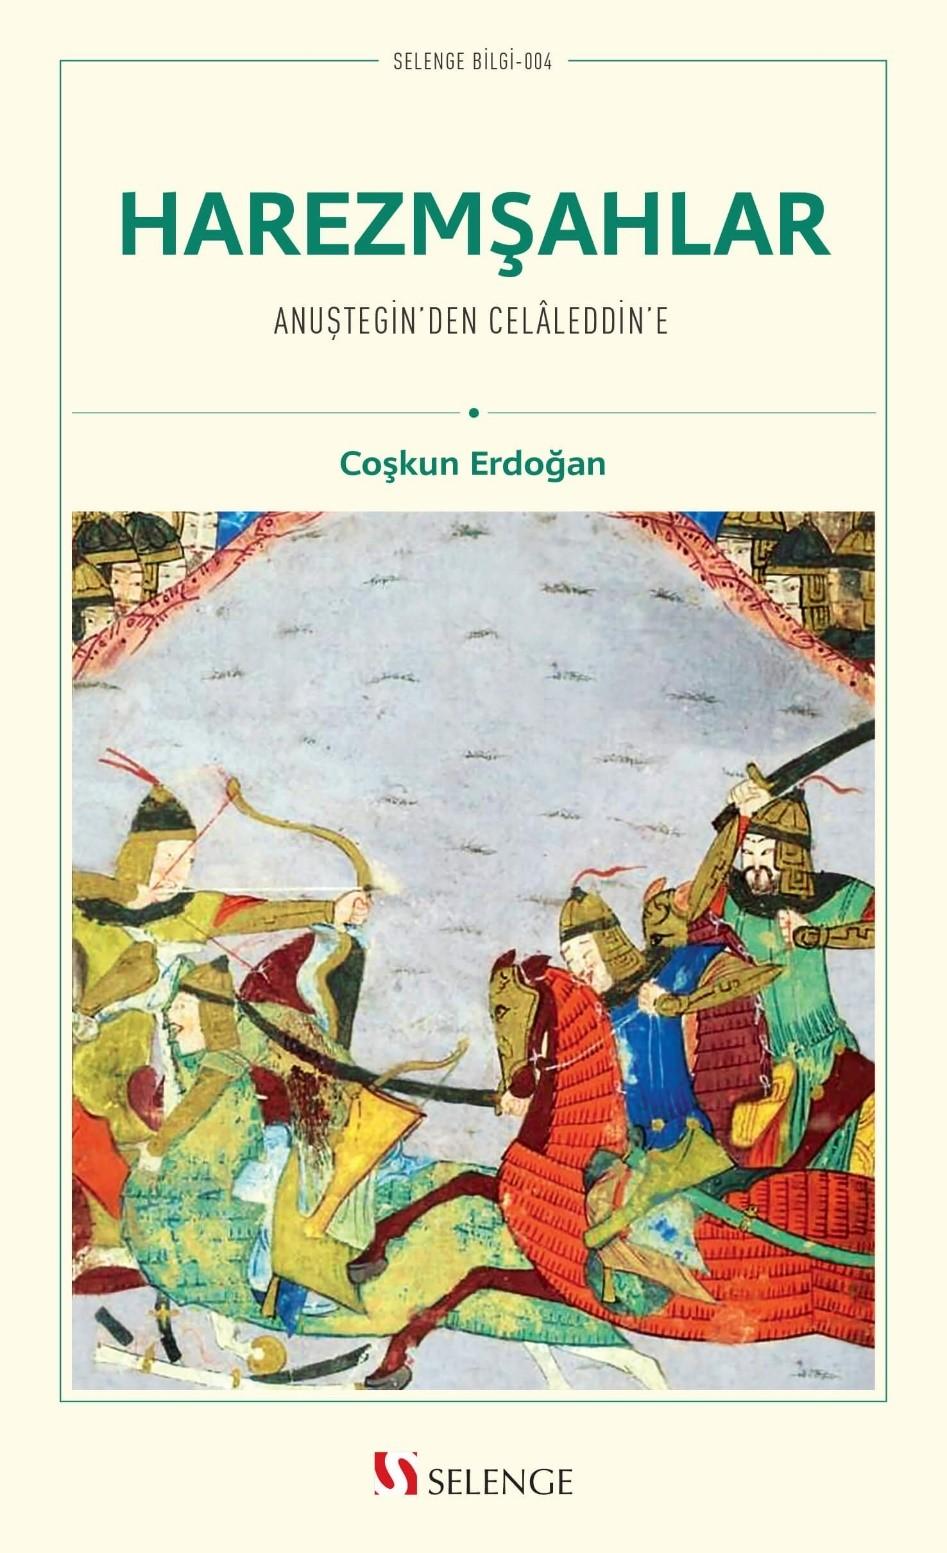 Harezmşahlar & Anuştegin'den Celaleddin'e